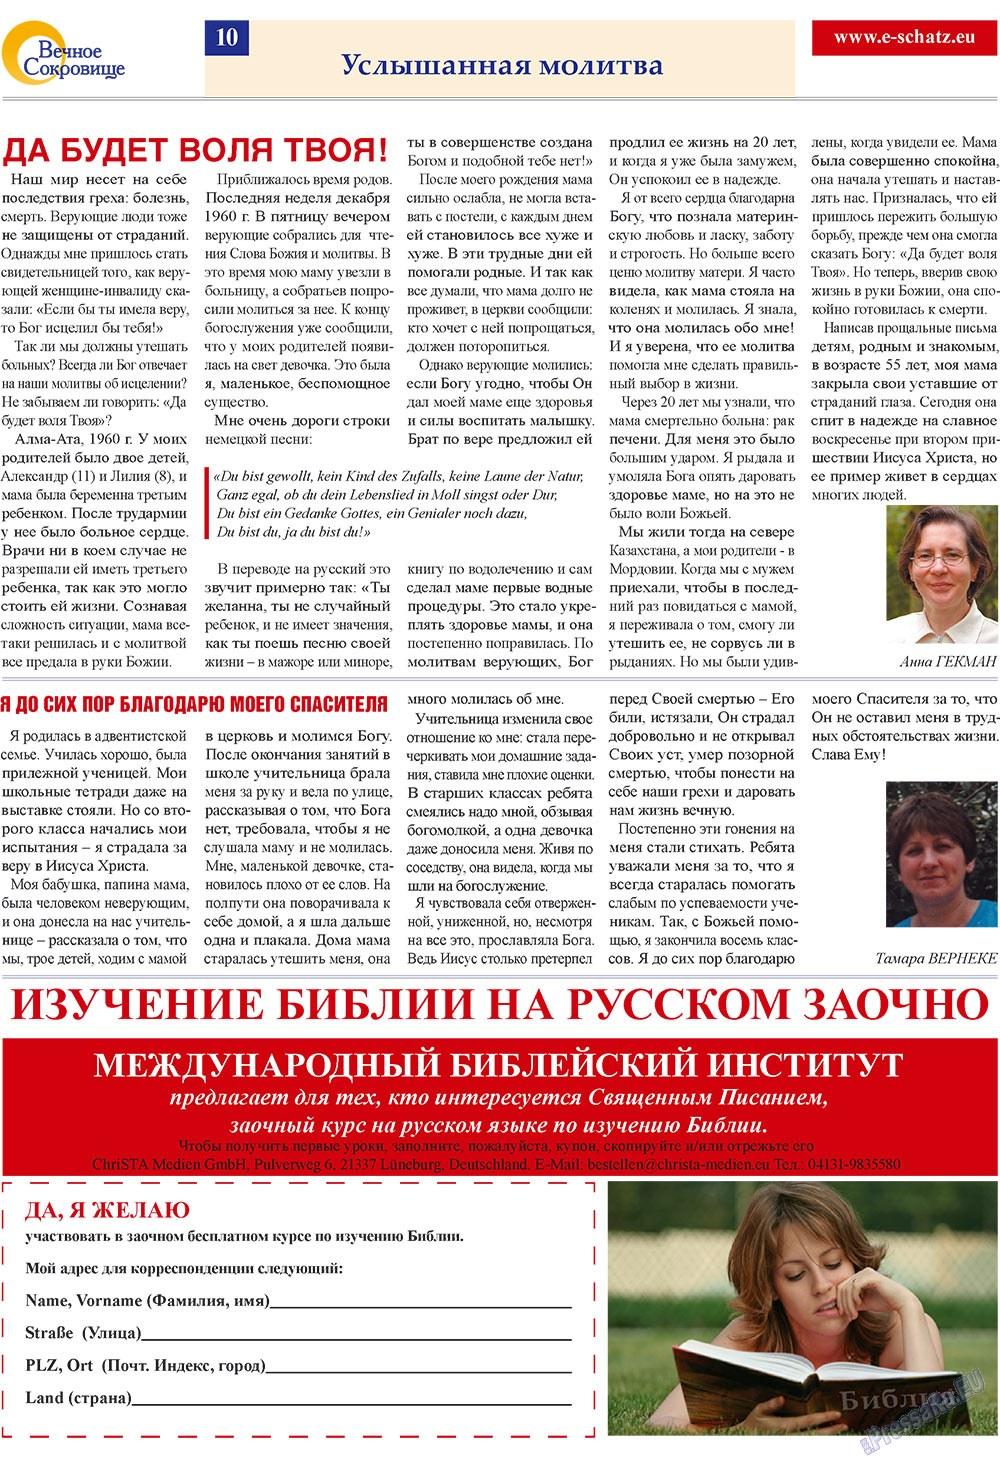 Вечное сокровище (газета). 2009 год, номер 4, стр. 10